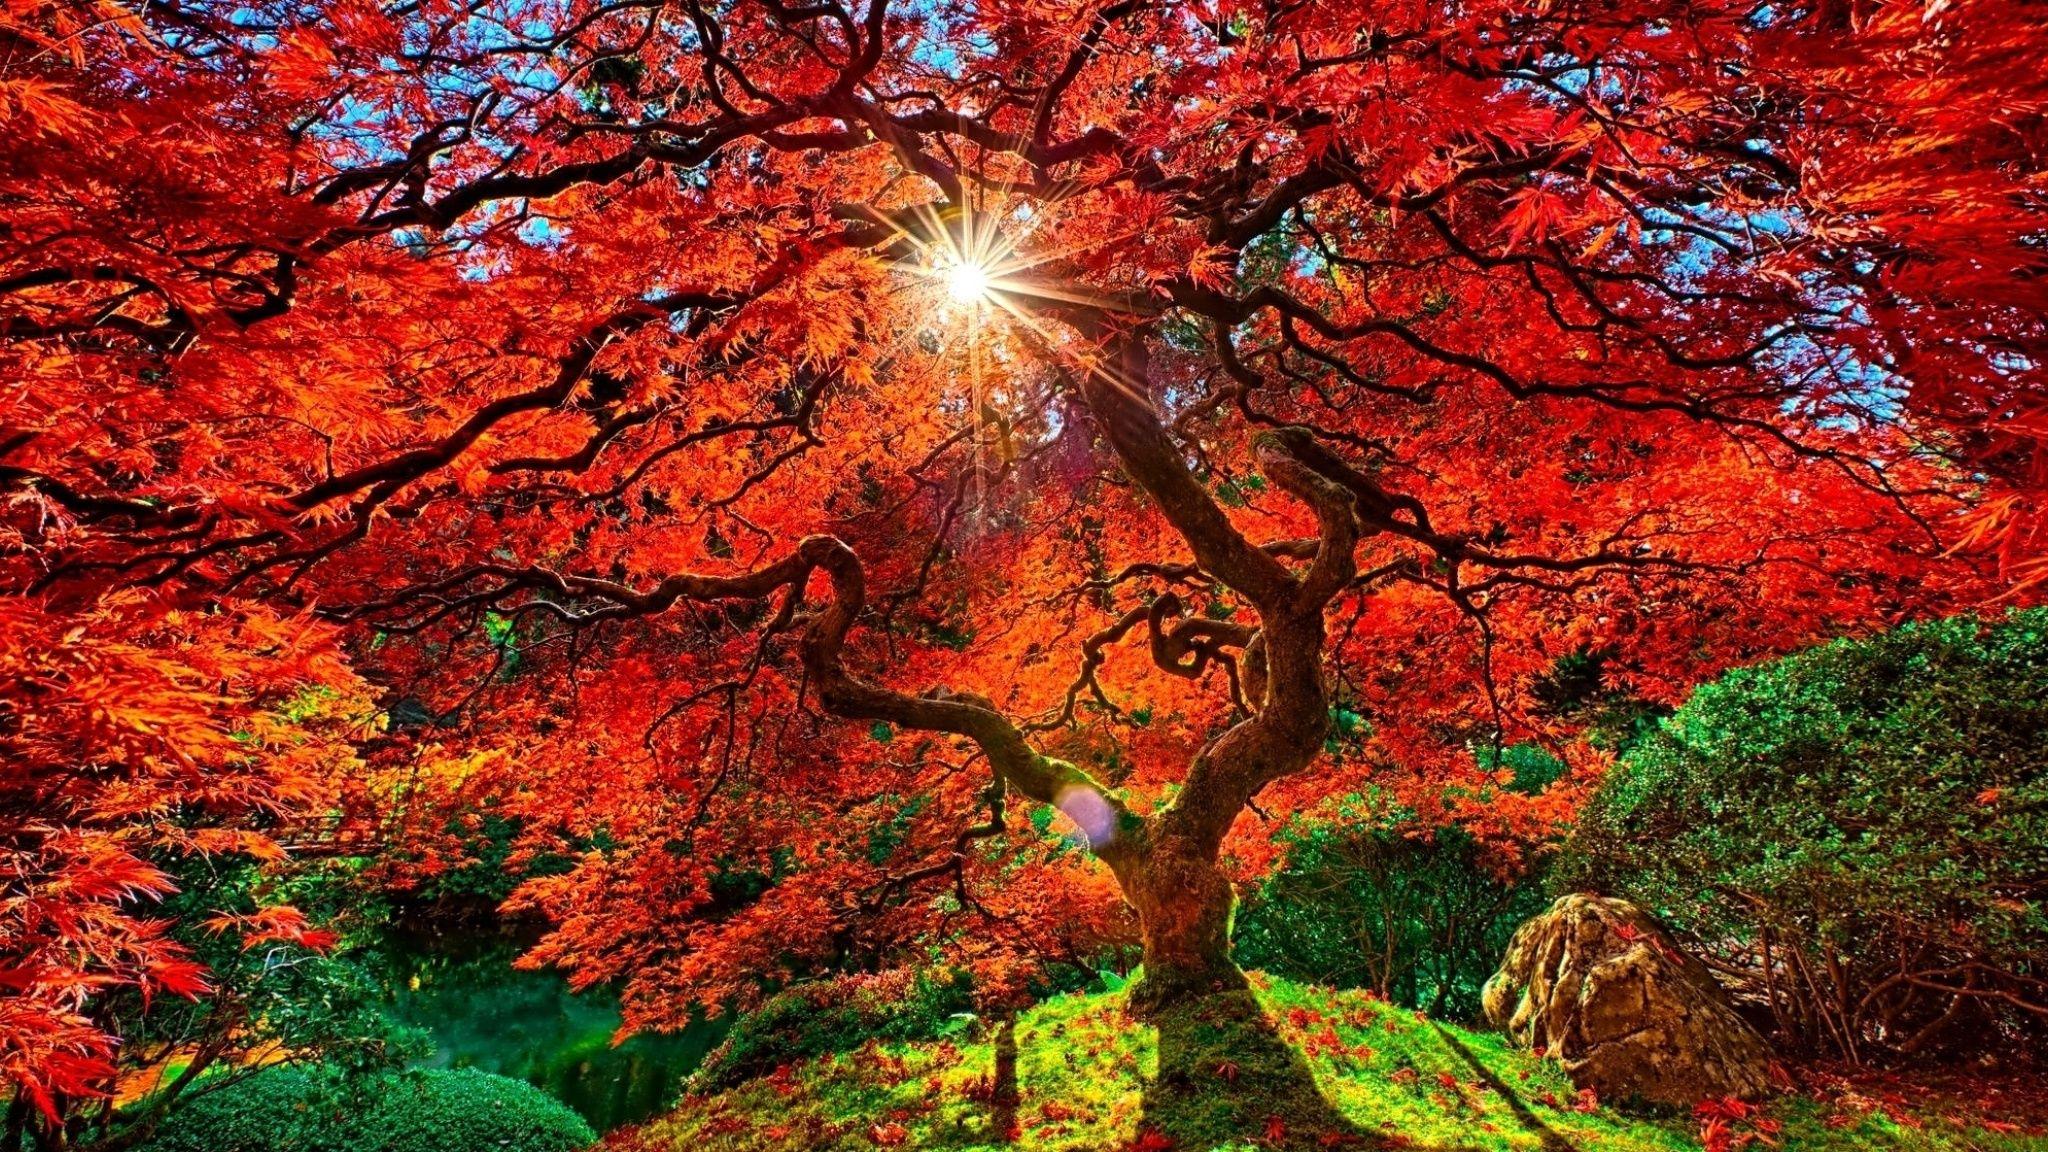 Construction humaine japanese garden japon arbre automne rayon de soleil fond d 39 cran arbres - Arbre du japon ...